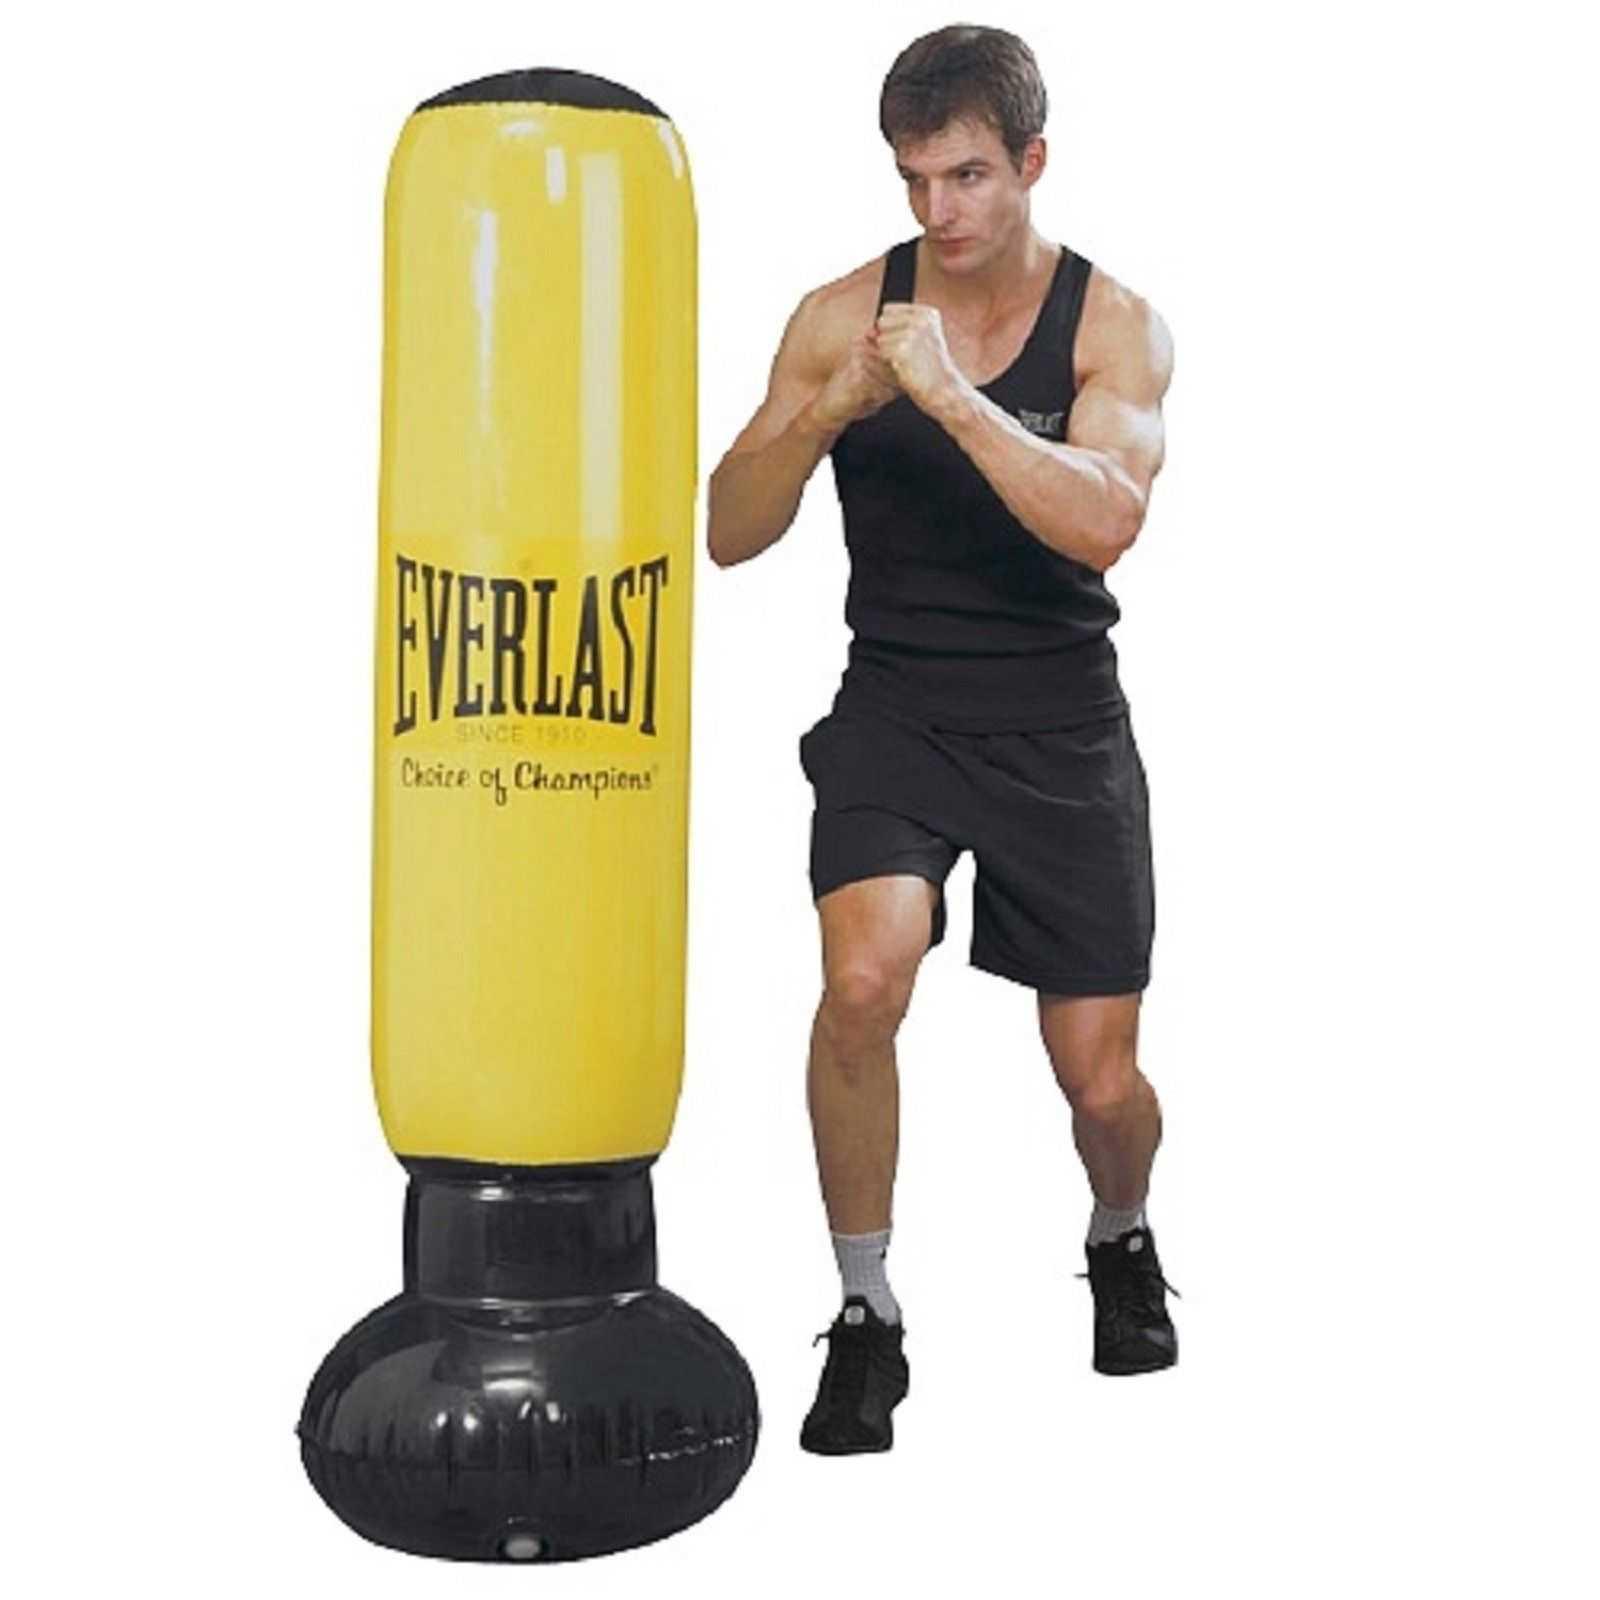 Боксерская груша для дома: как ее выбрать, закрепить и правильно тренироваться